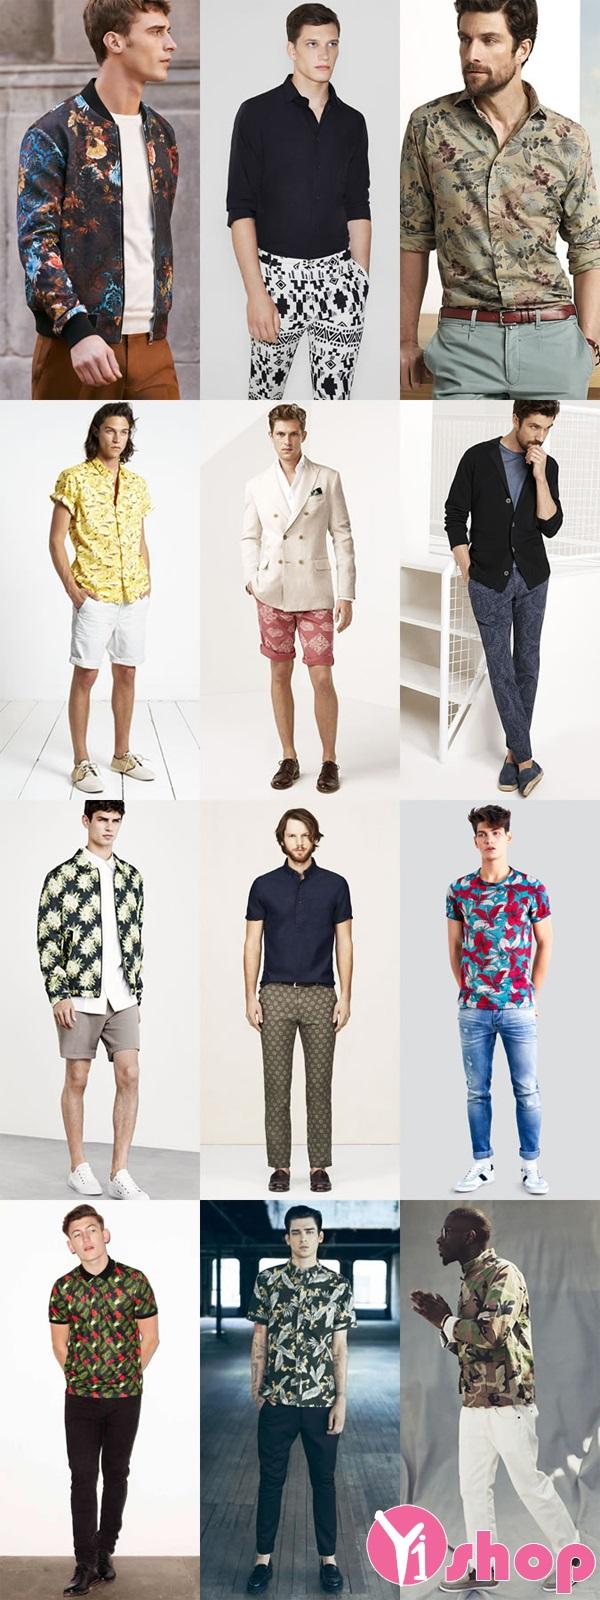 Những xu hướng thời trang nam cực hot